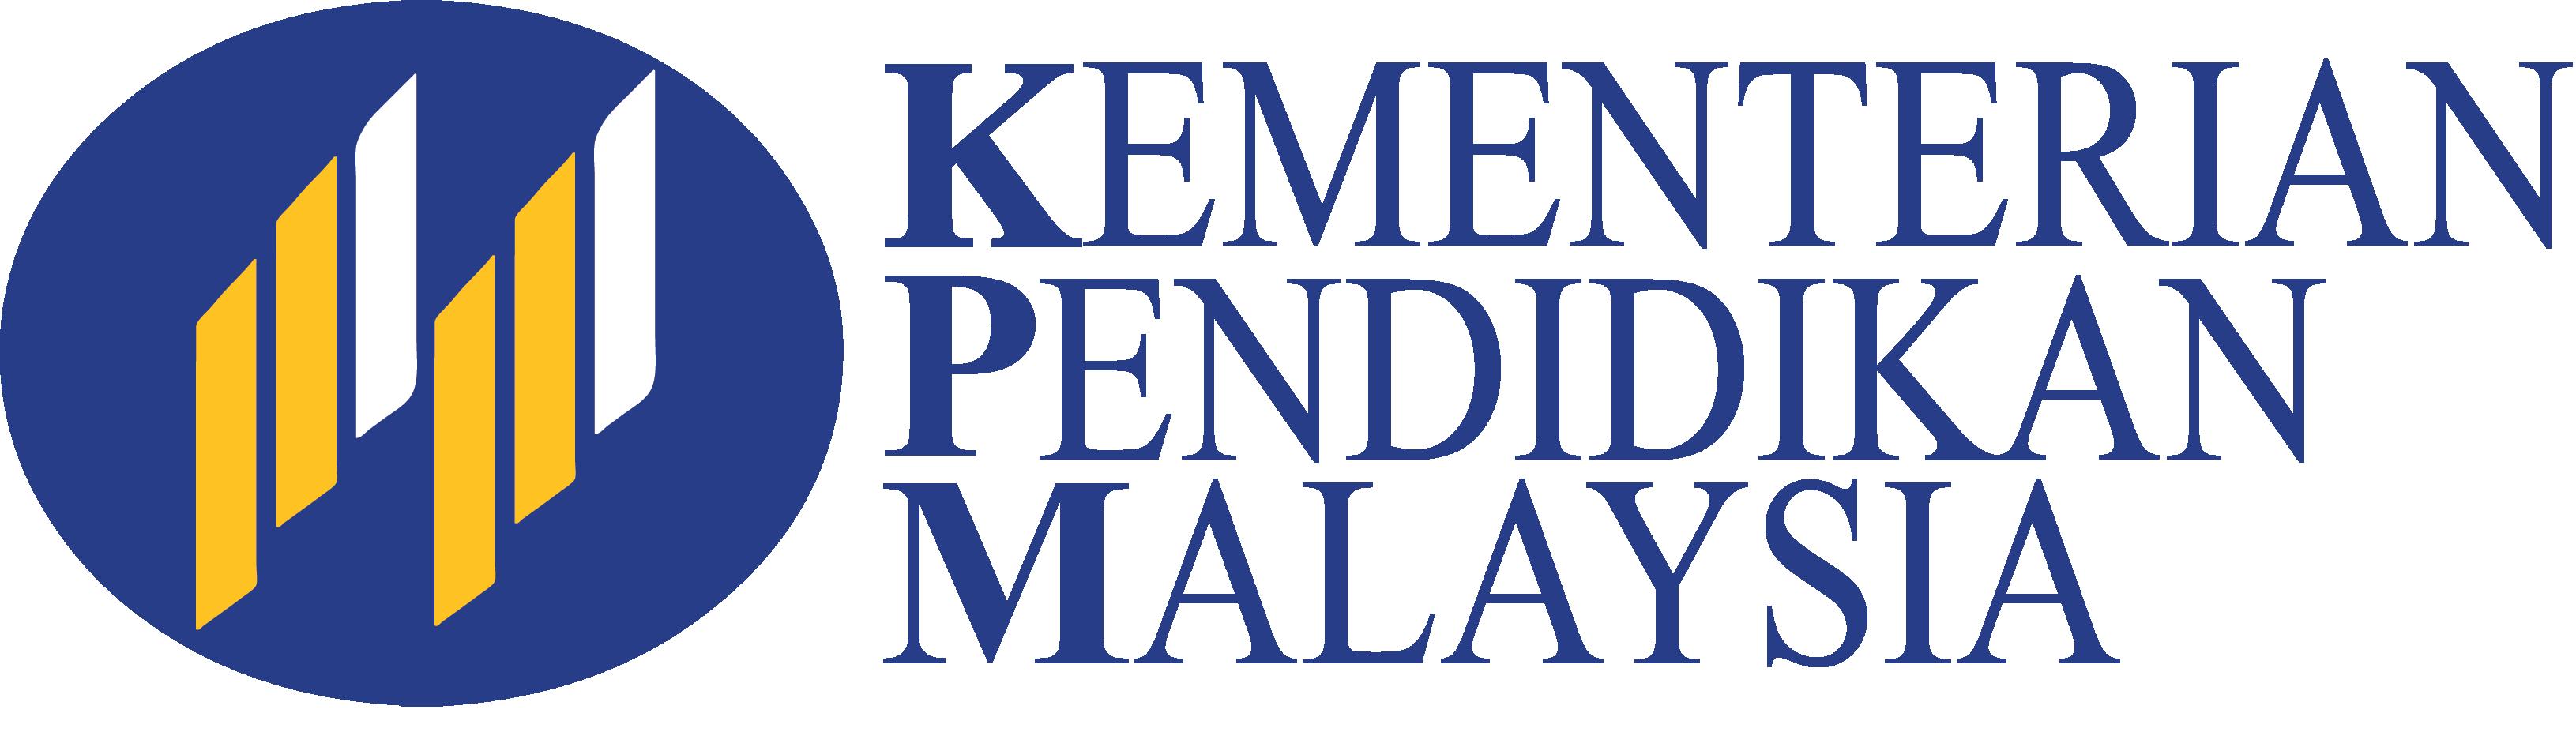 Kementrian Pendidikan Malaysia